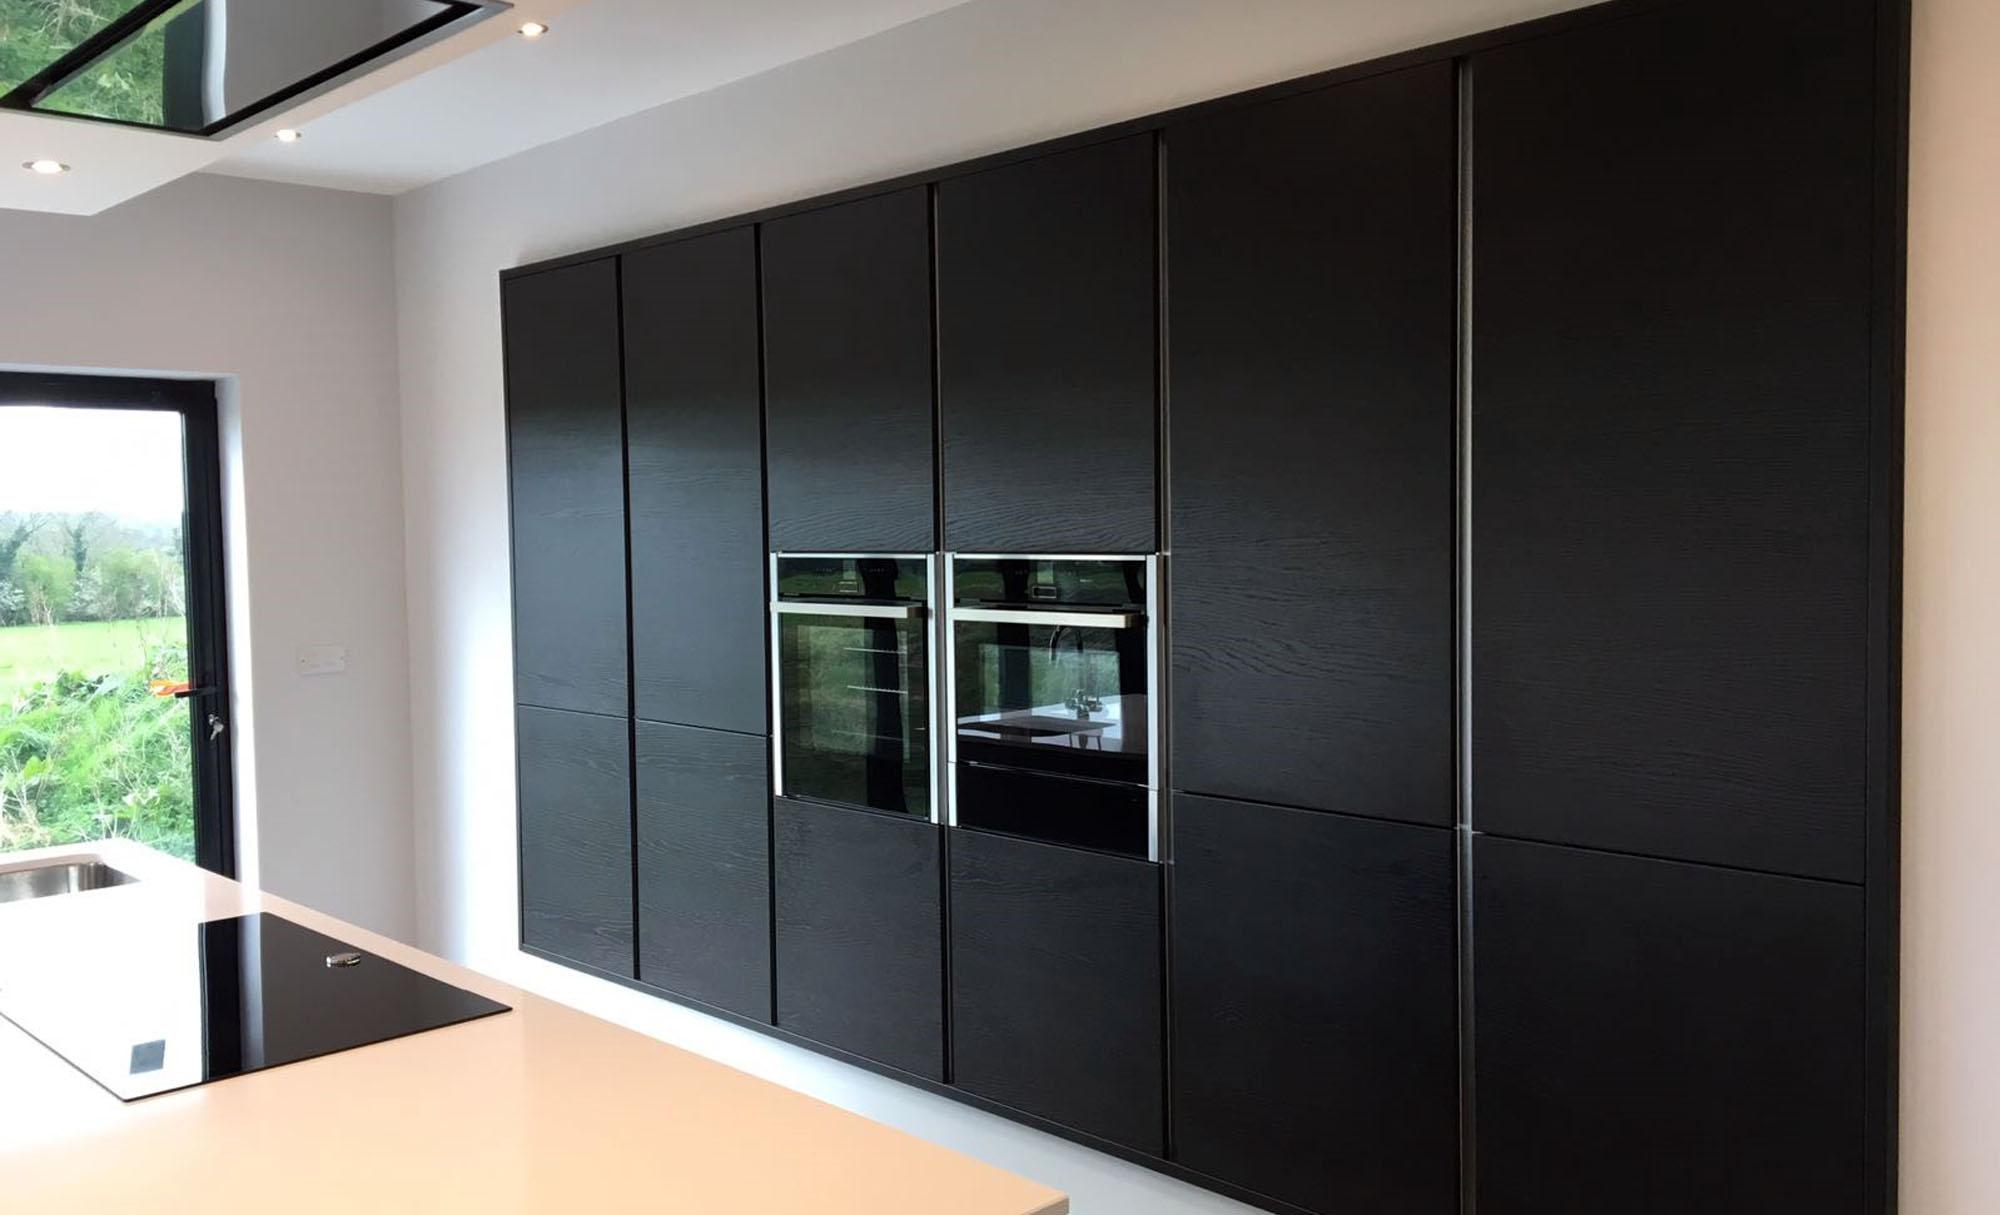 tavola-hacienda-black-coleraine-contemporary-kitchen-stori